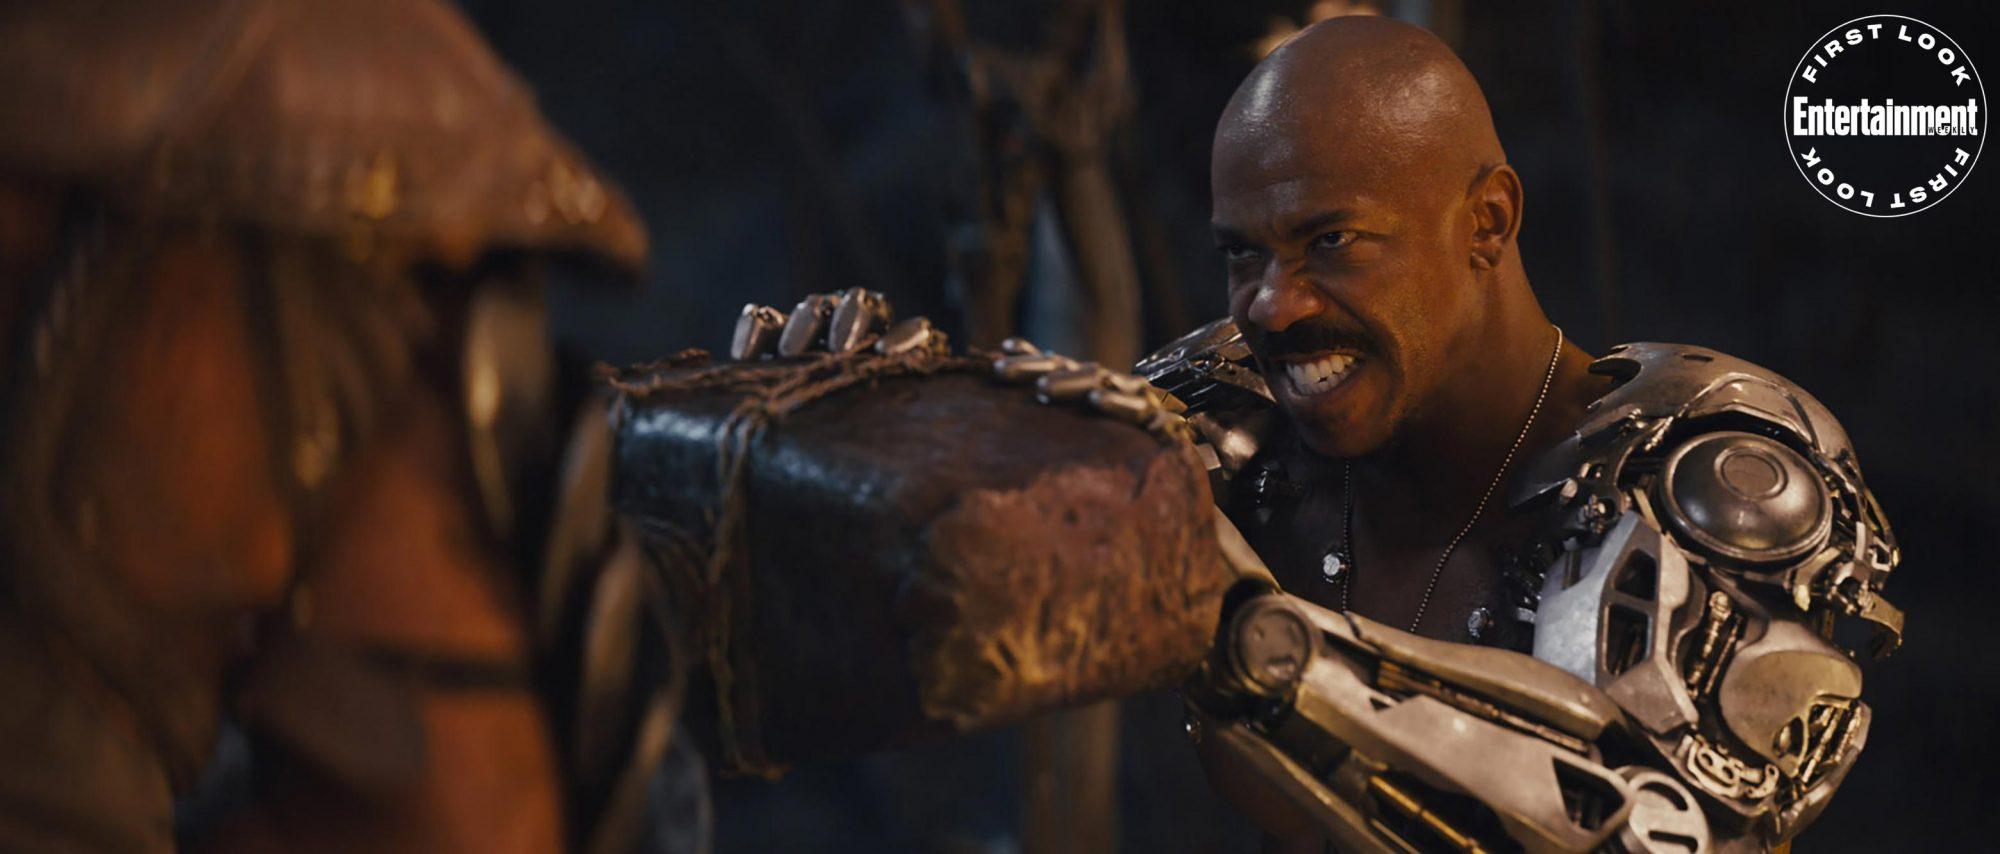 Mortal-Kombat-primeiras-imagens-longa-filme-reboot (4)